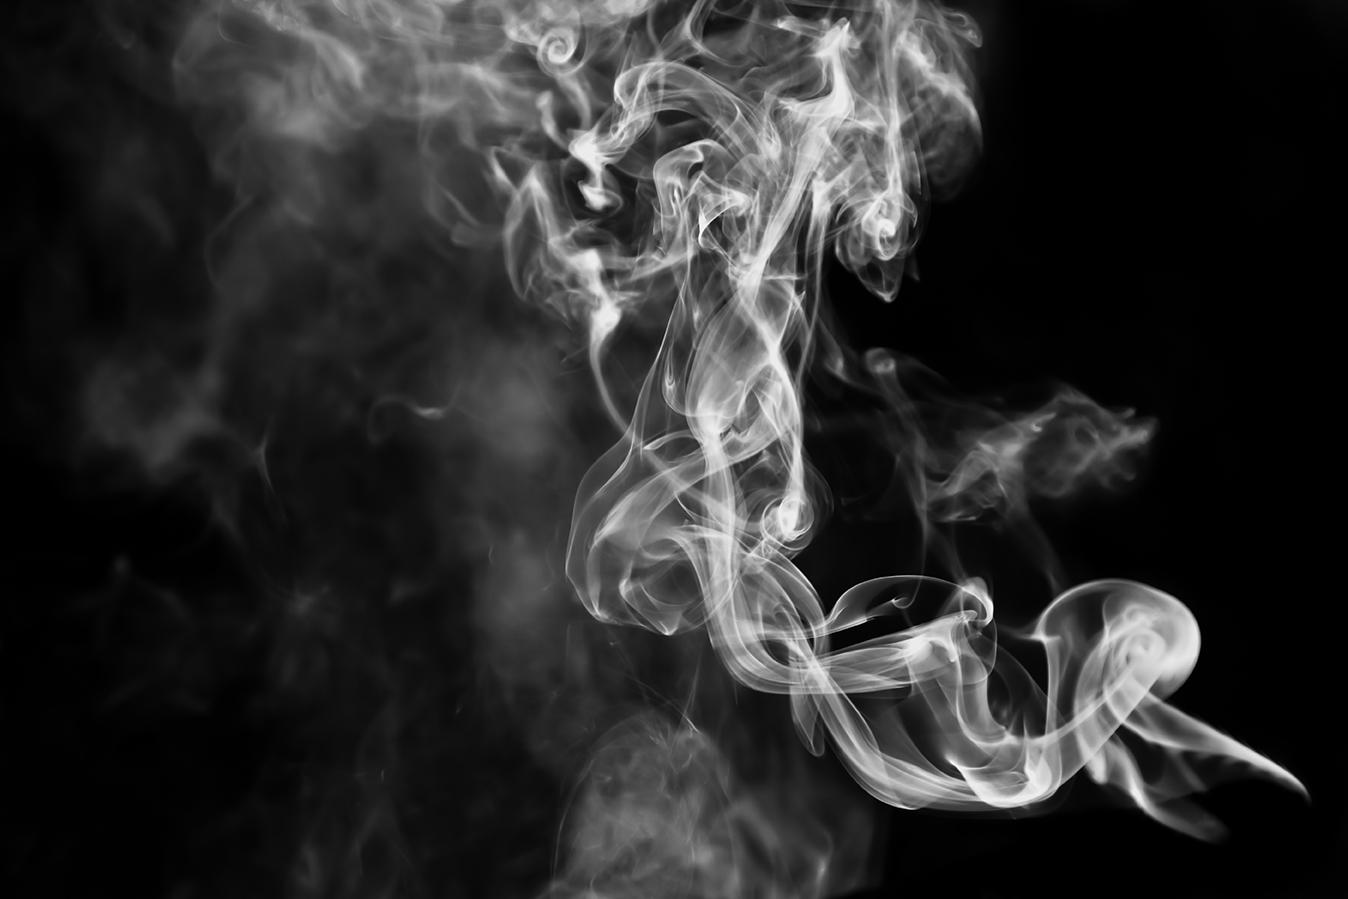 Le moyen facile de cesser de fumer pour landroïde